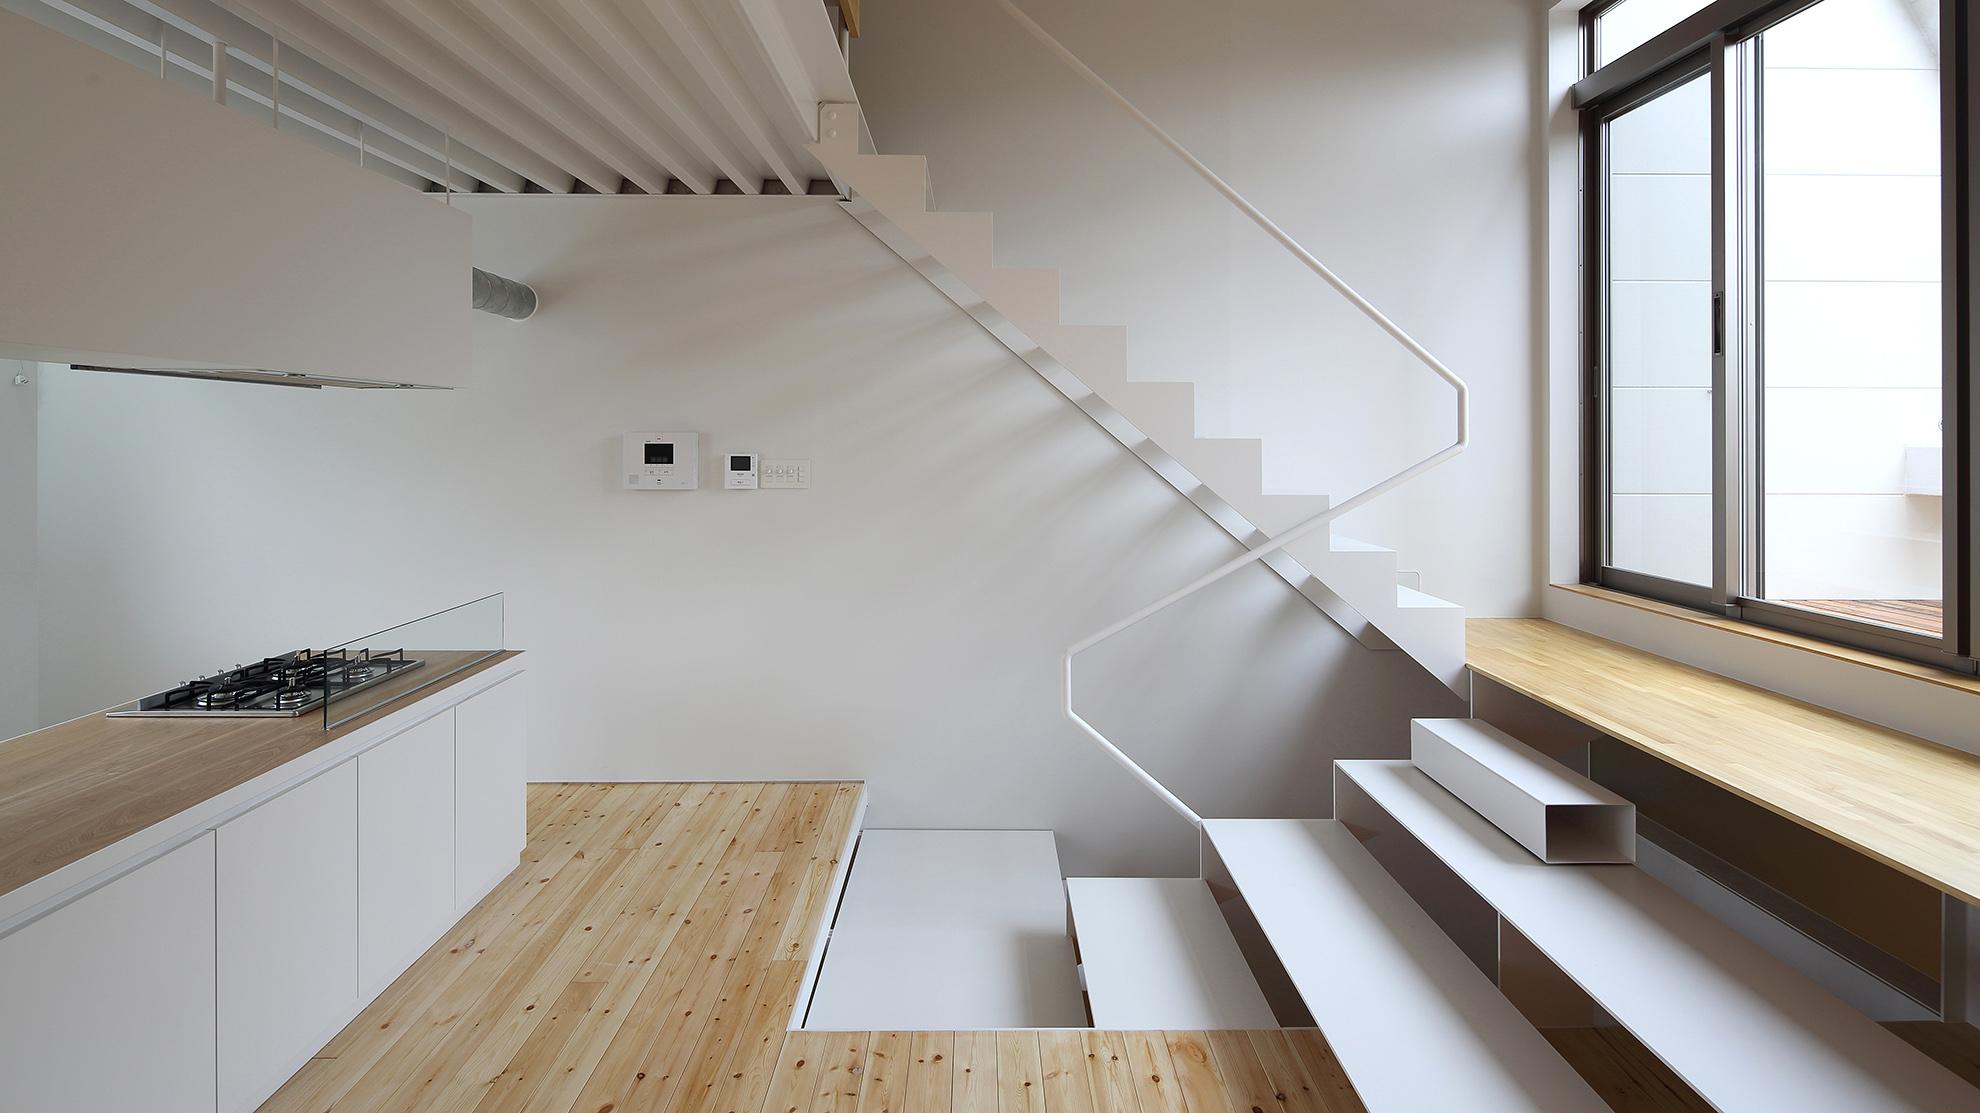 「どのようなアングルで撮影するの?」住宅建築の外観と内観の撮影方法をご紹介します